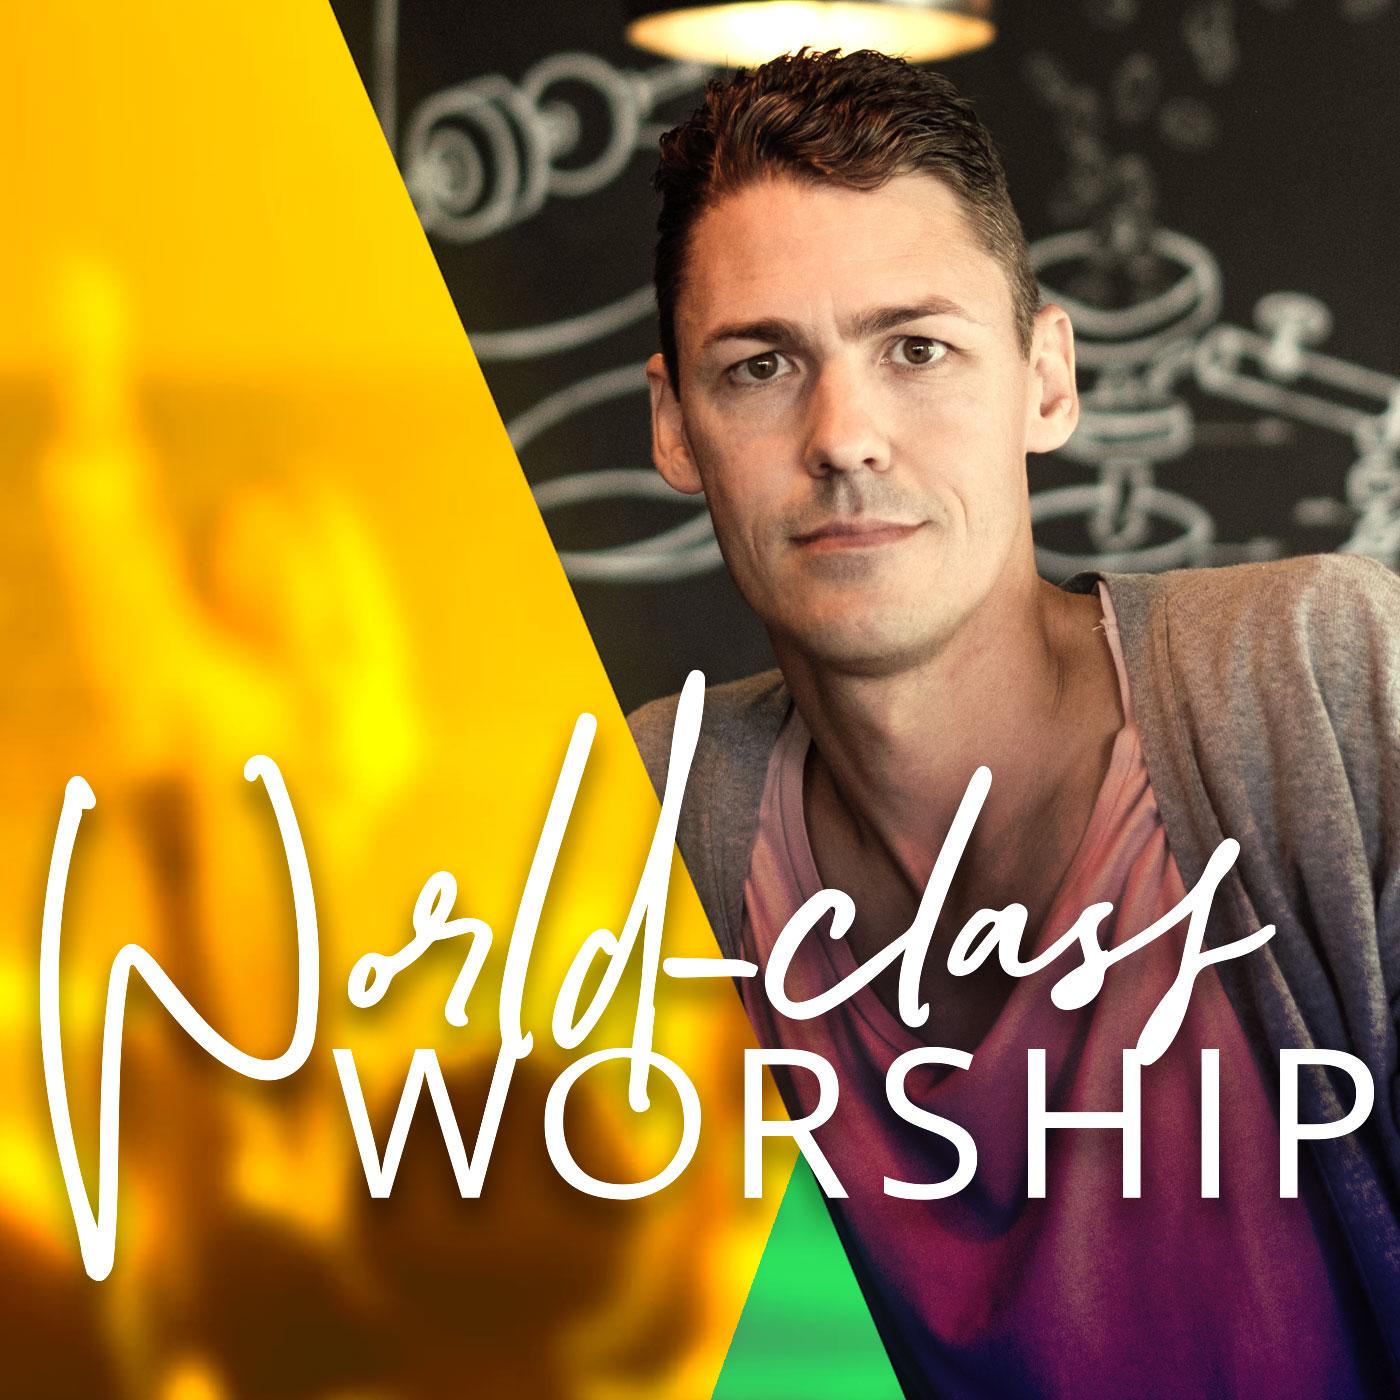 World-class Worship Podcast show art